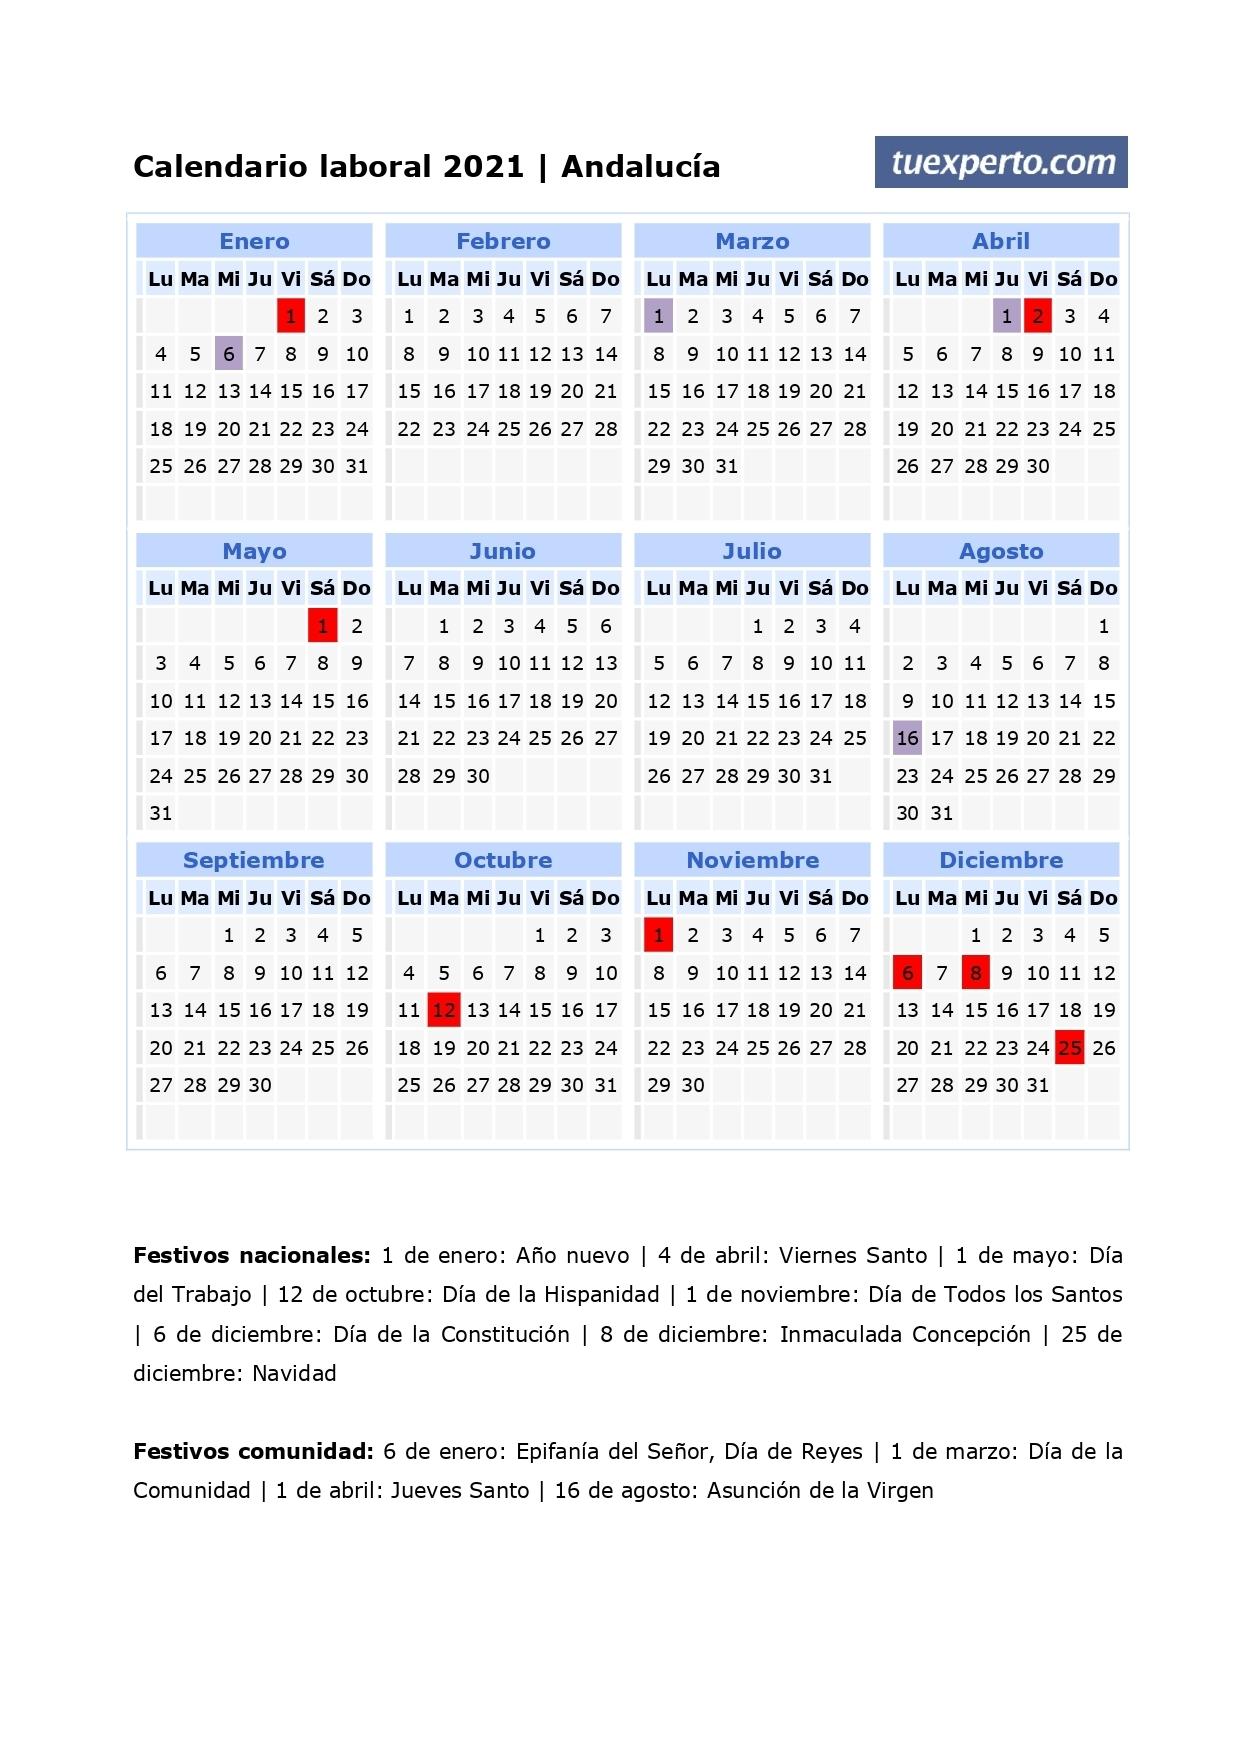 Calendario Laboral 2021, Calendarios Con Festivos Por